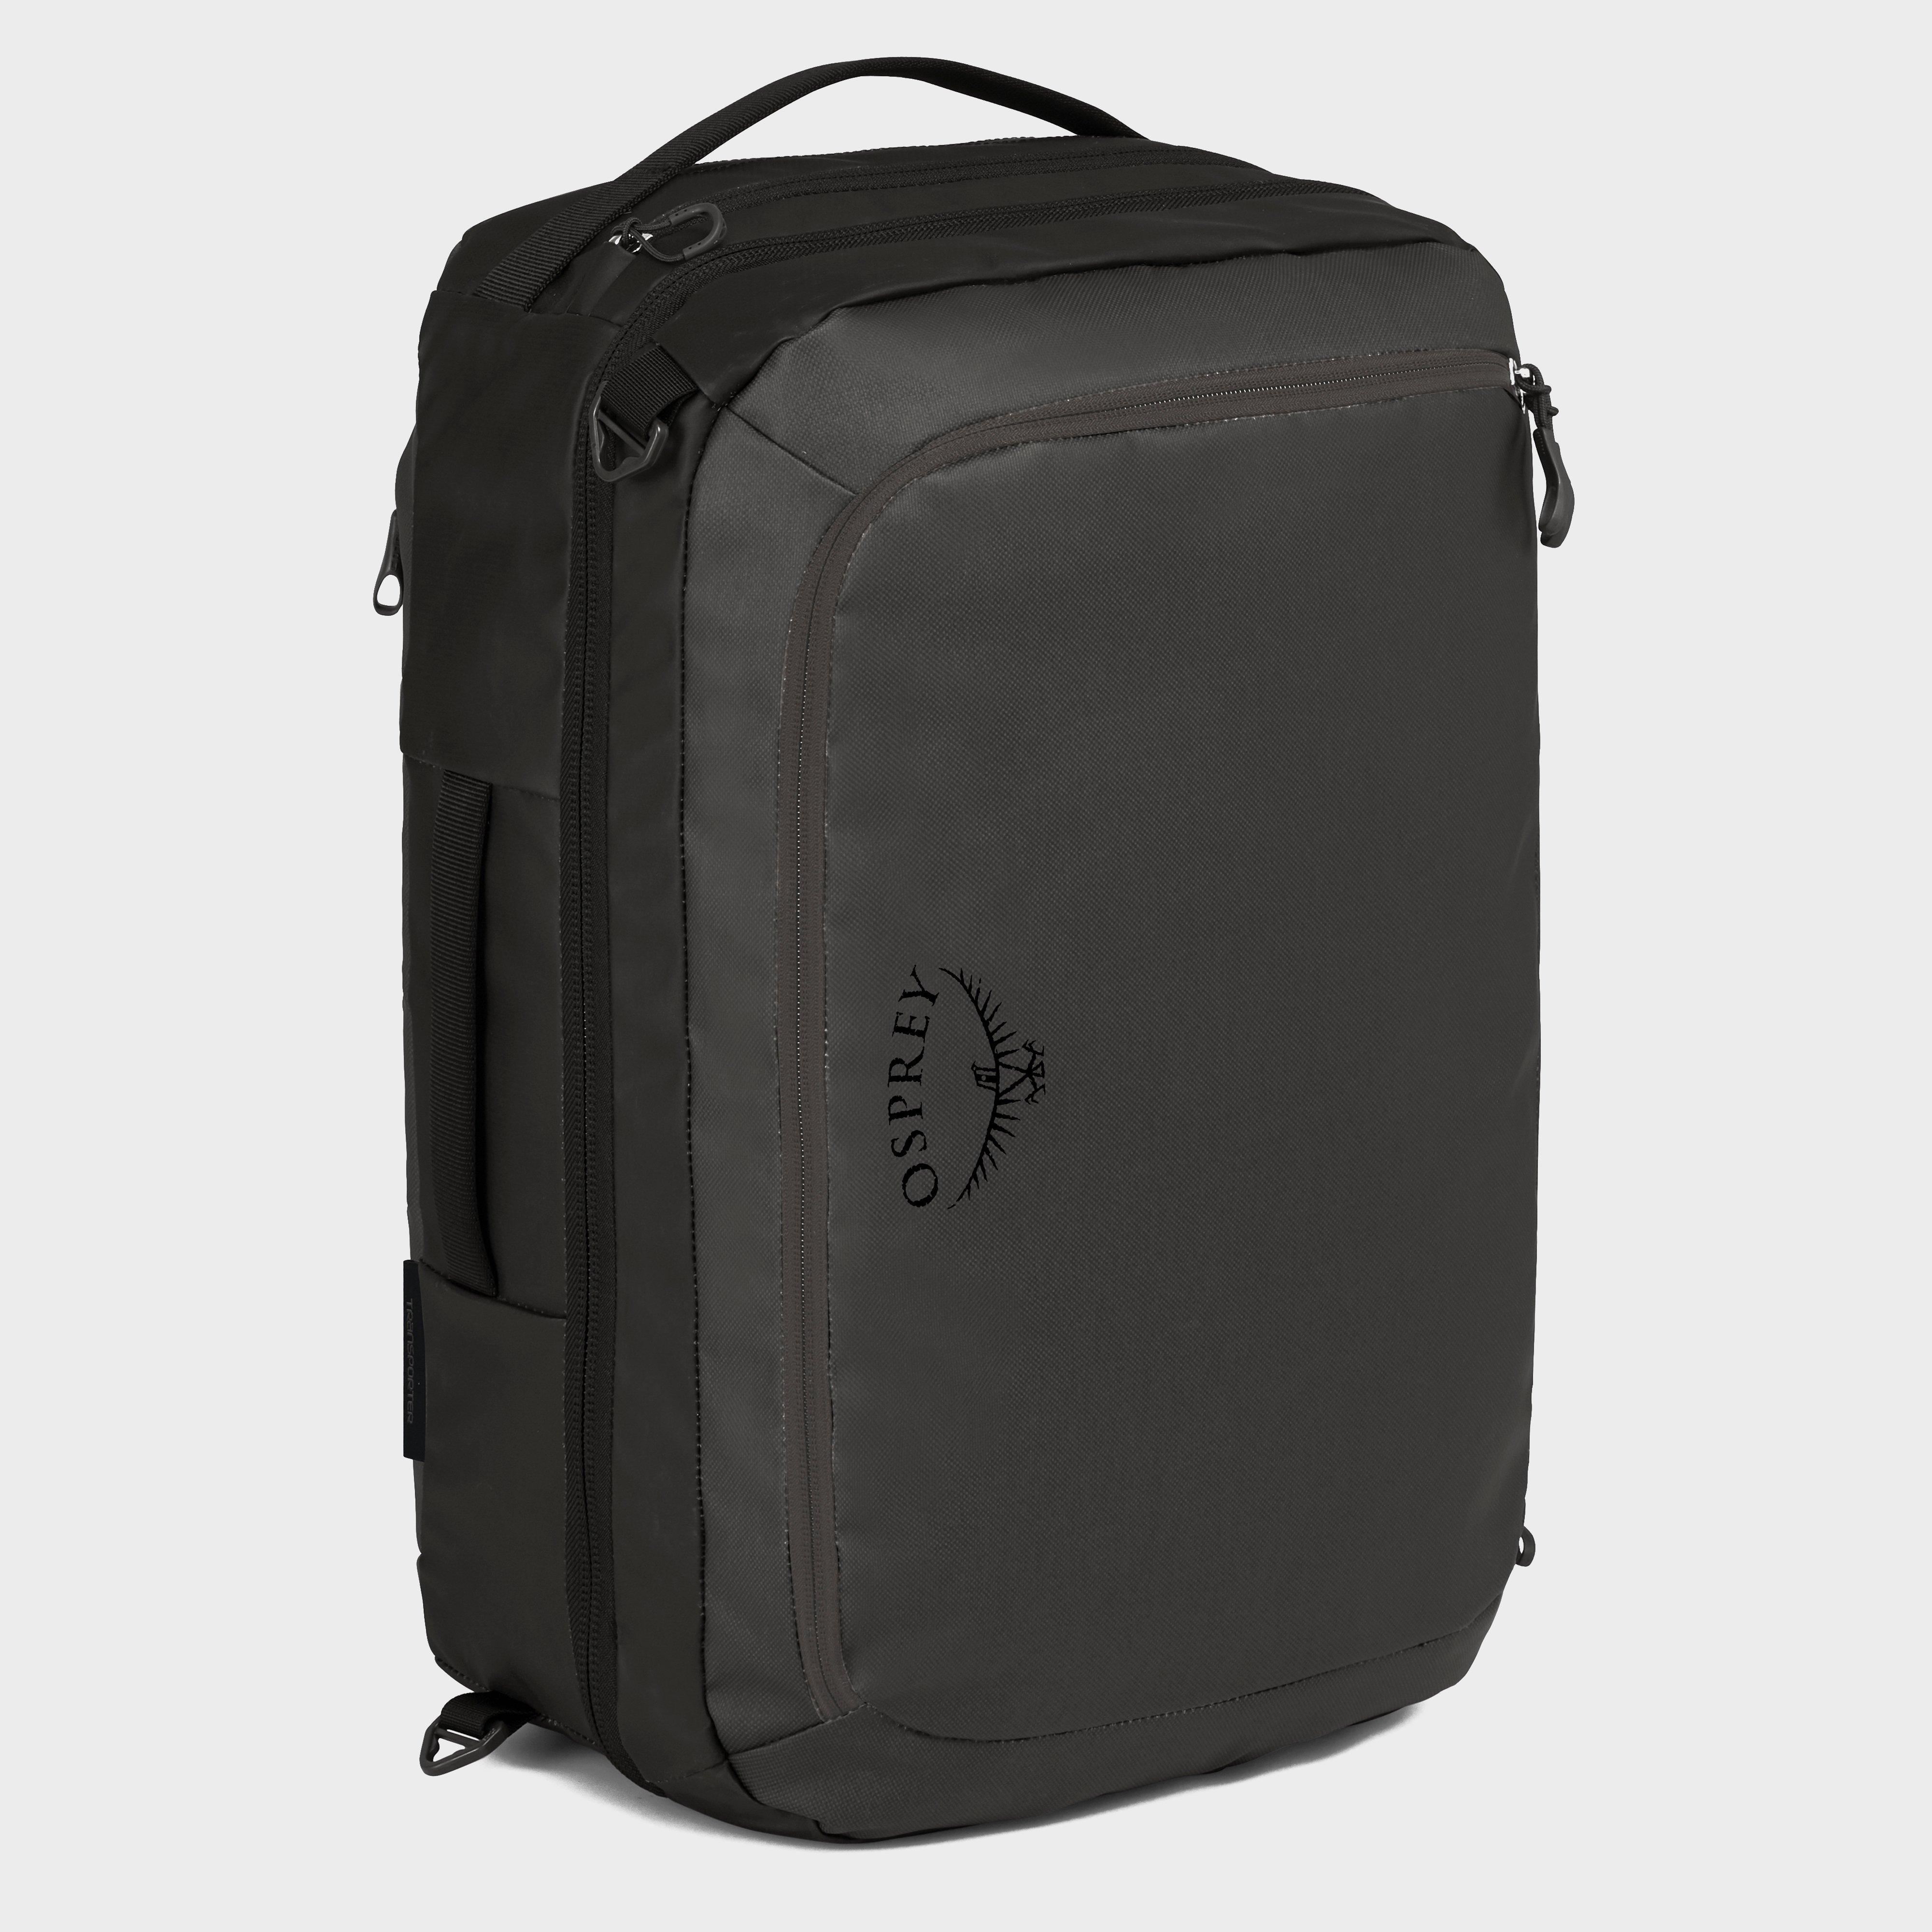 Osprey Transporter Carry-On 36 Travel Pack - Black/Blk, Black